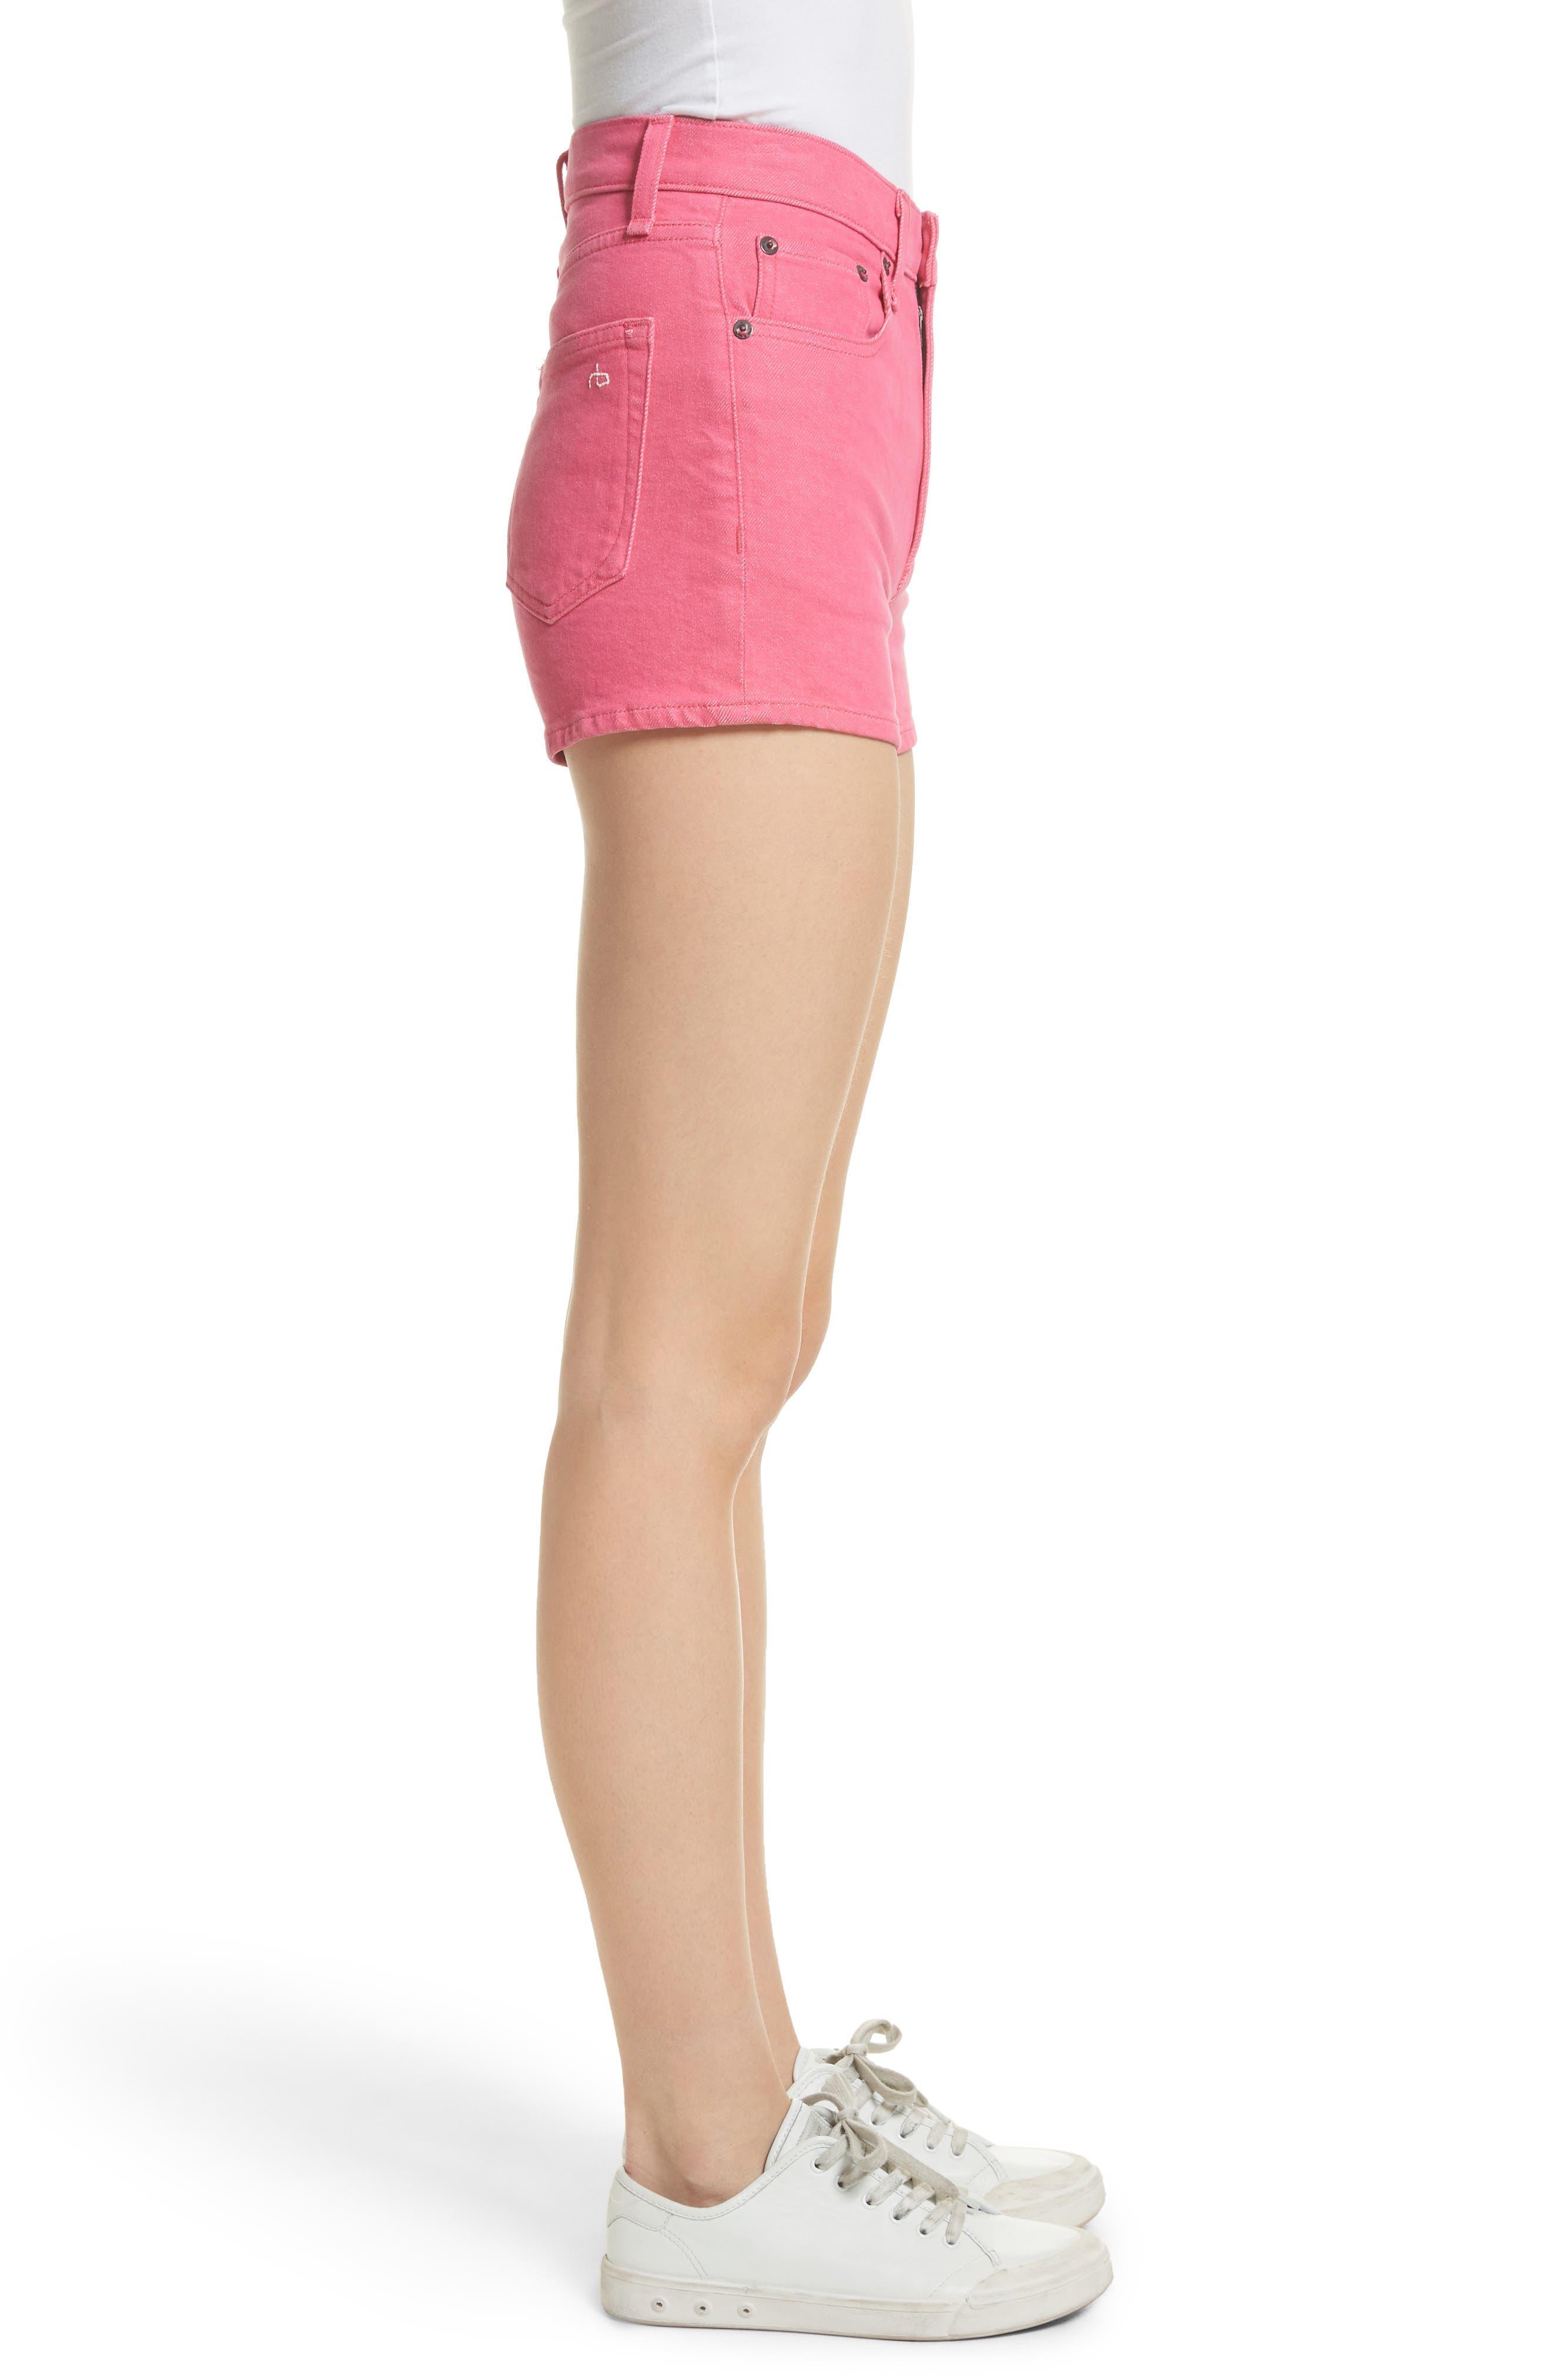 Justine High Waist Denim Shorts,                             Alternate thumbnail 3, color,                             672